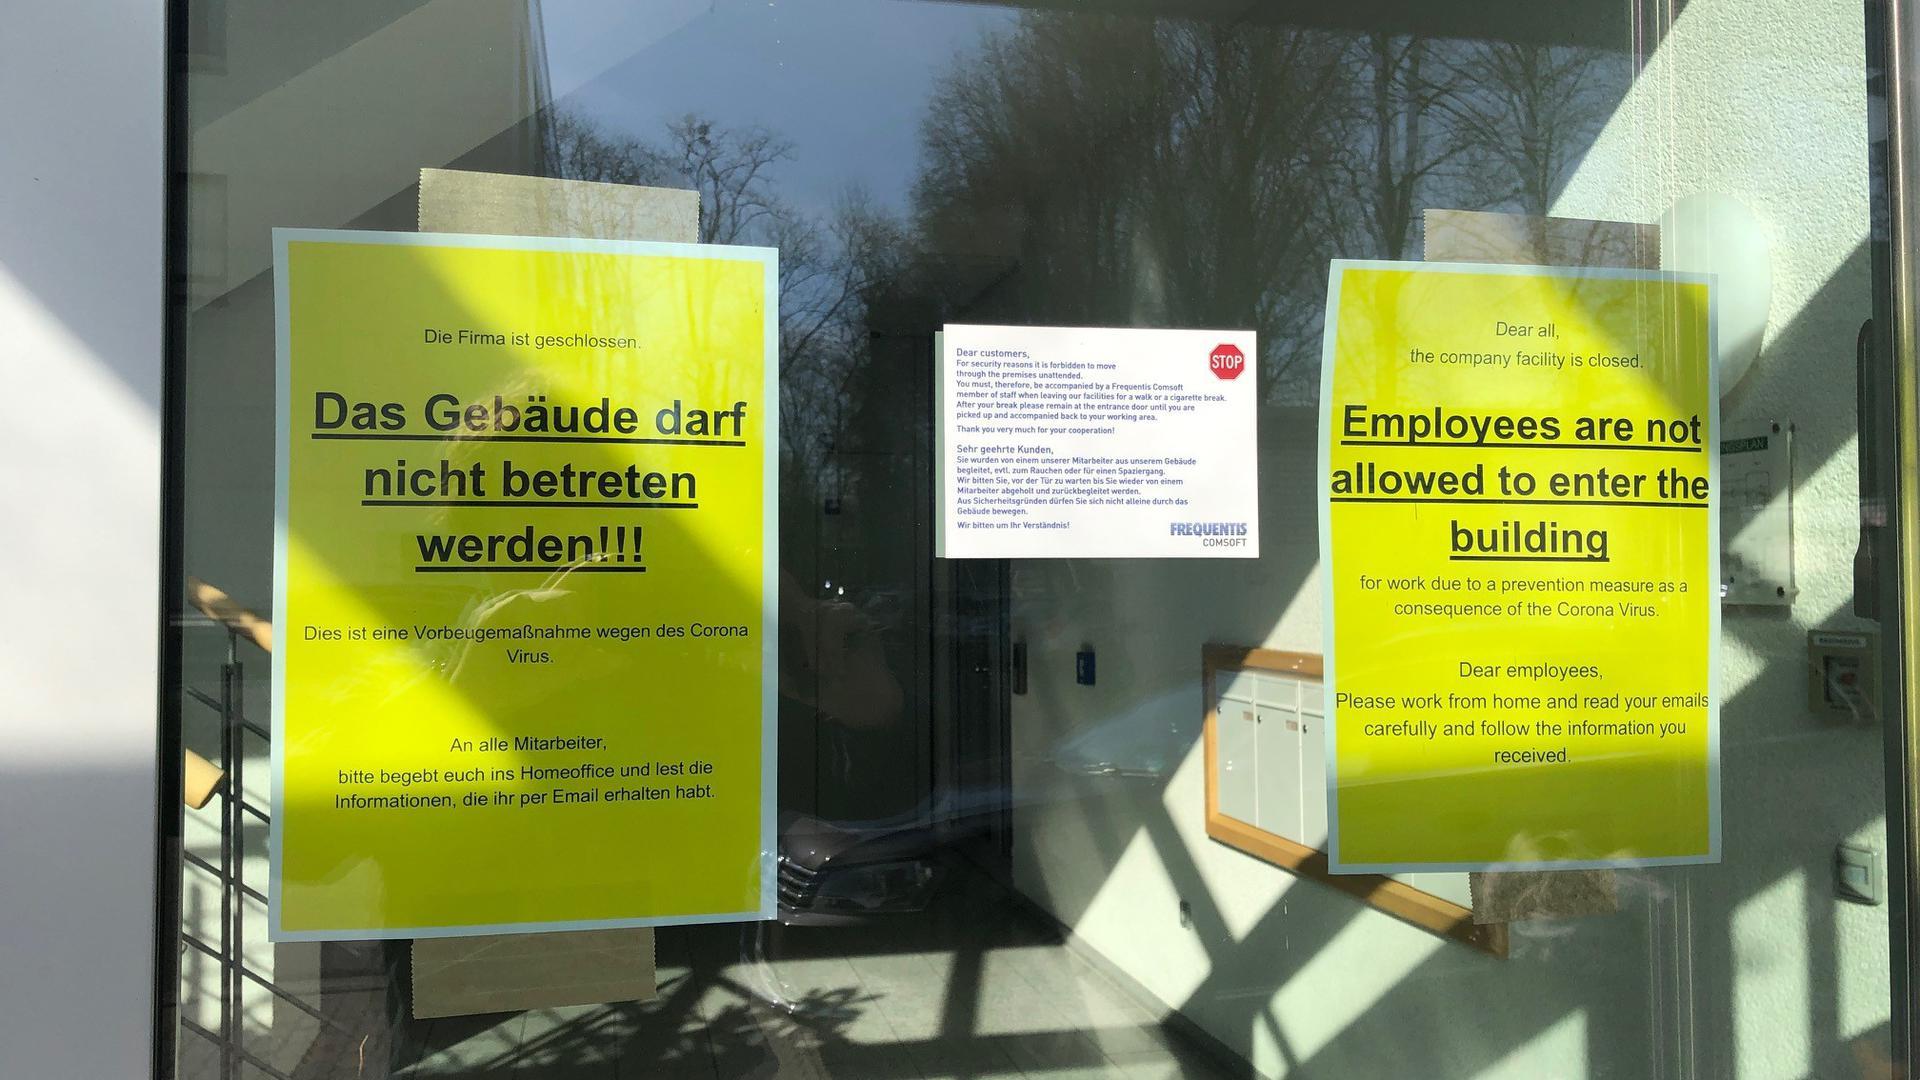 Vollständig geschlossen ist das Firmengebäude des Unternehmens Frequentes im Durlacher Killisfeld. Alle Beschäftigten arbeiten von zuhause aus.